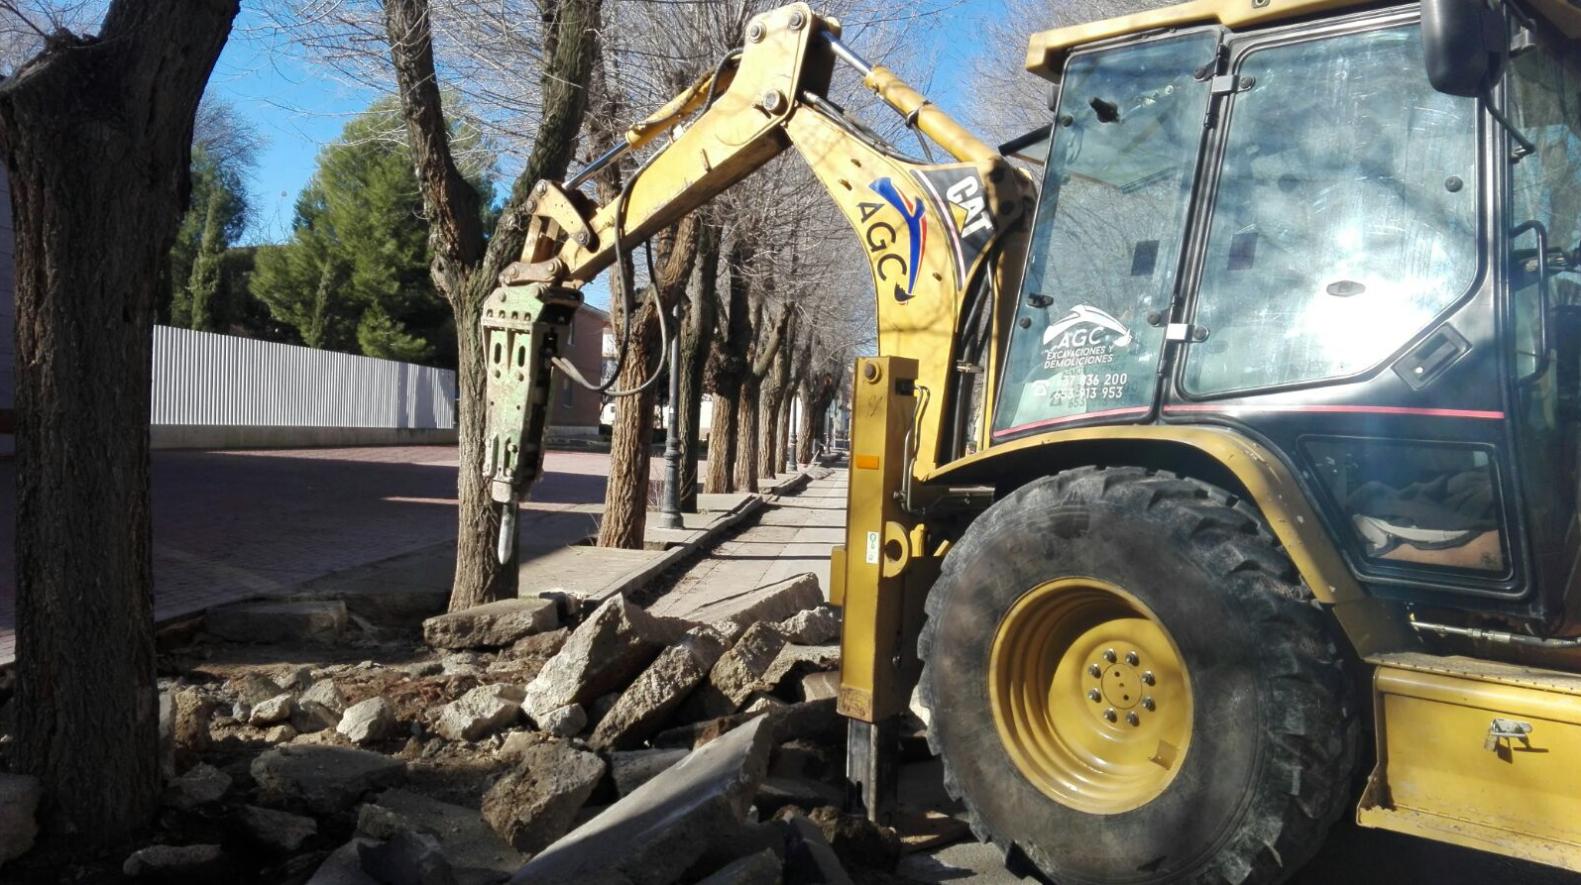 obras en avenida tierno galvan 3 - Siguen las obras para mejorar la accesibilidad en la Avenida Tierno Galván